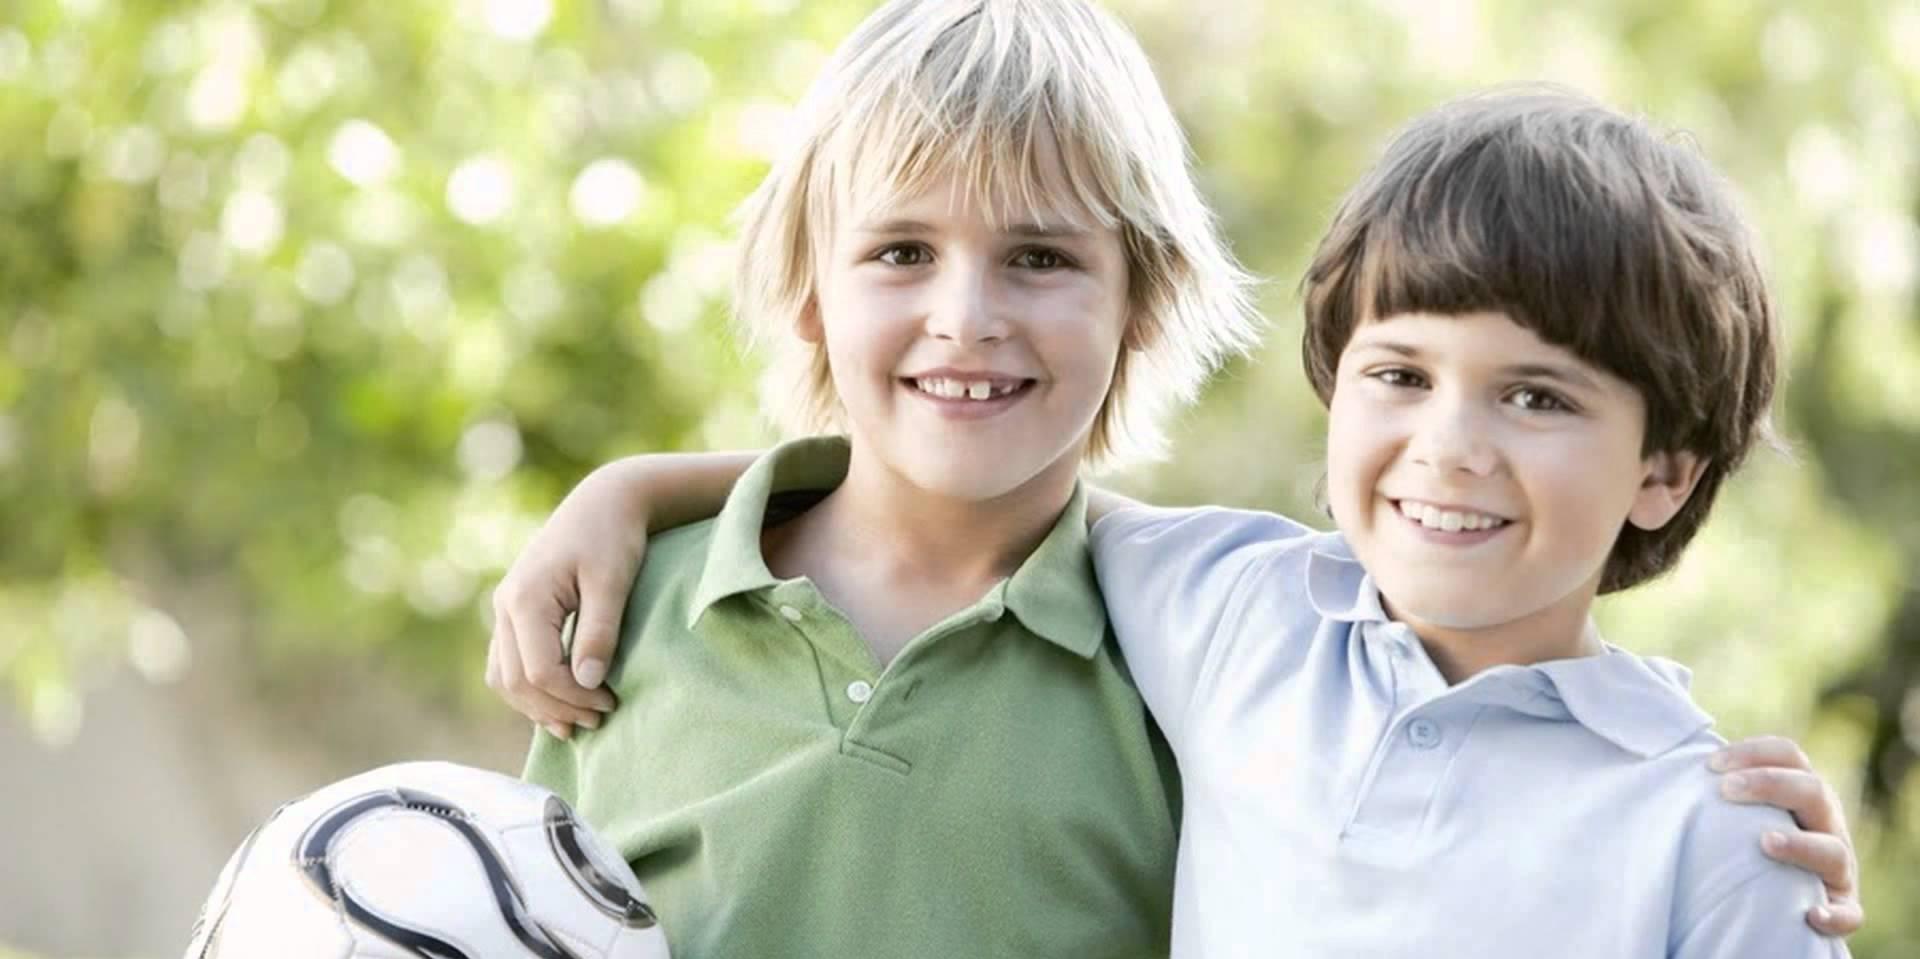 Рост и вес мальчиков в таблицах по годам